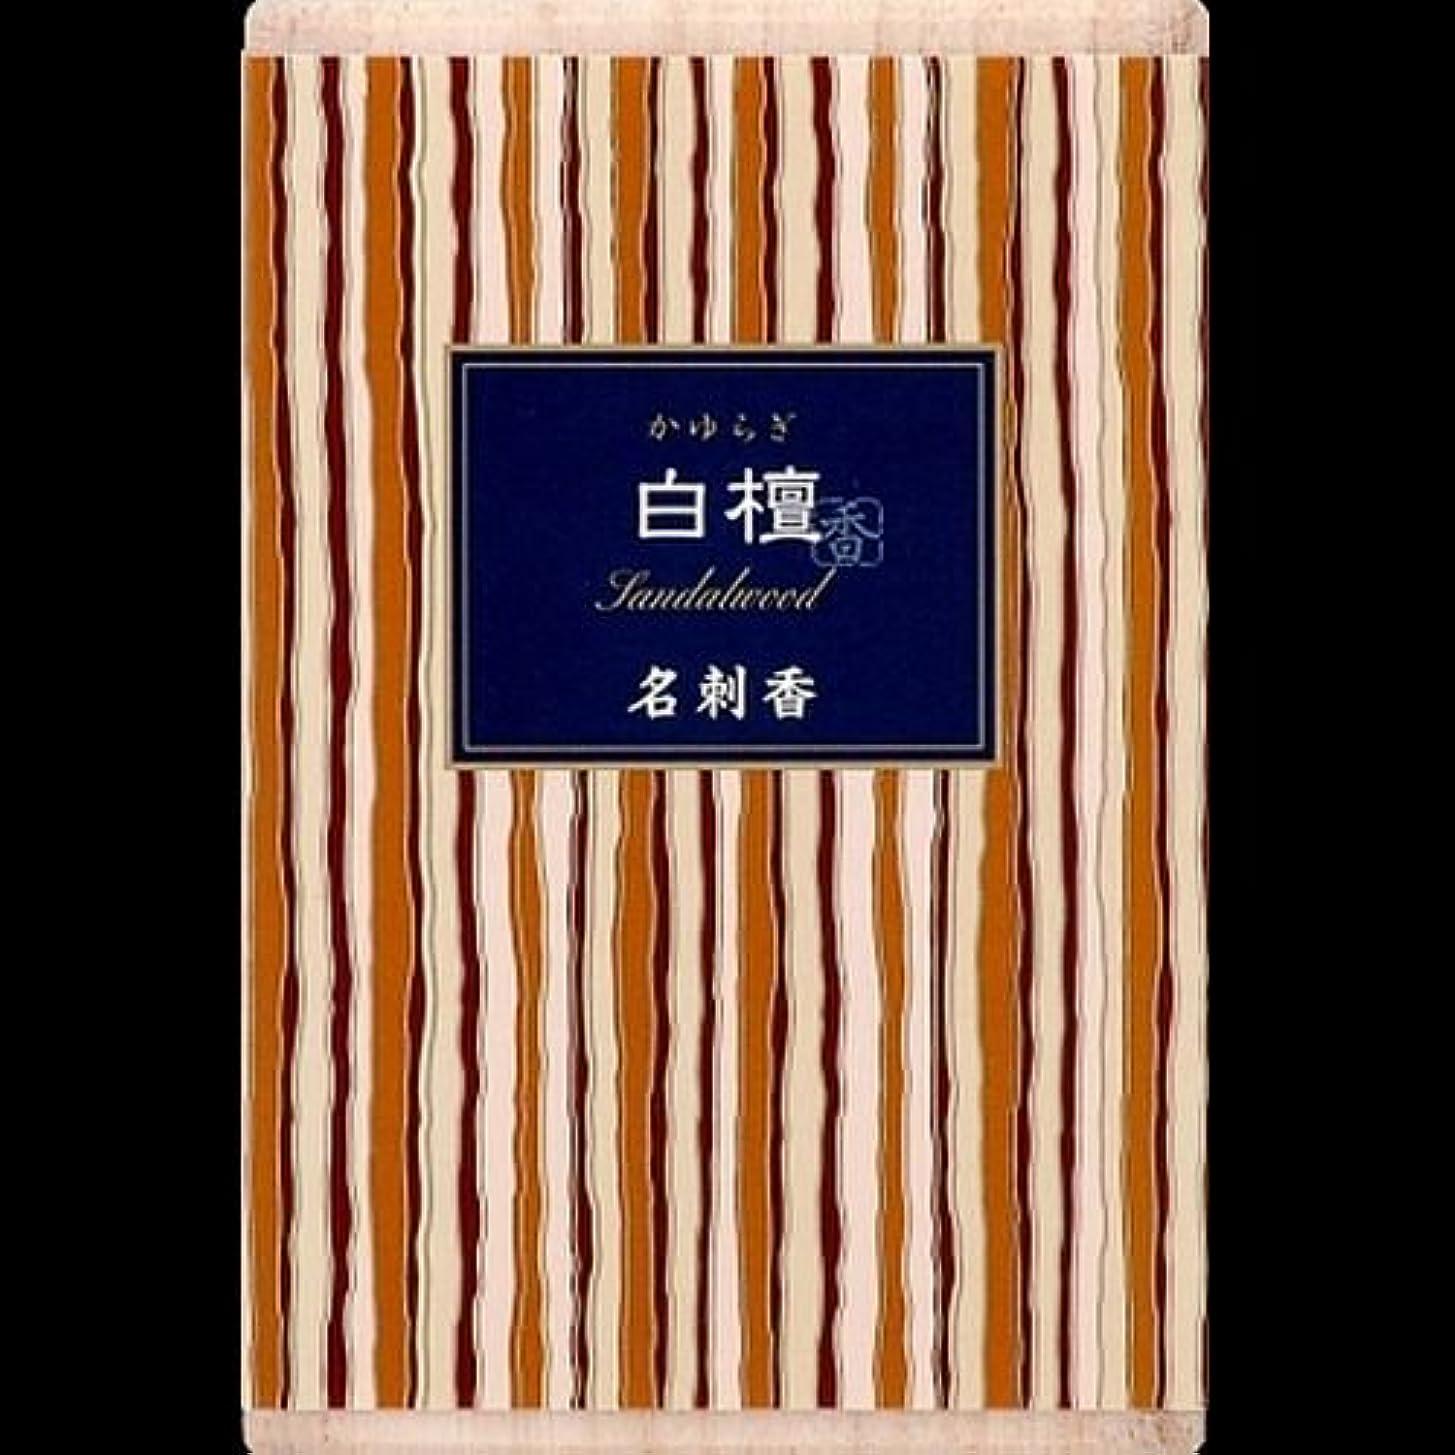 知覚的サスペンション波紋【まとめ買い】かゆらぎ 白檀 名刺香 桐箱 6入 ×2セット